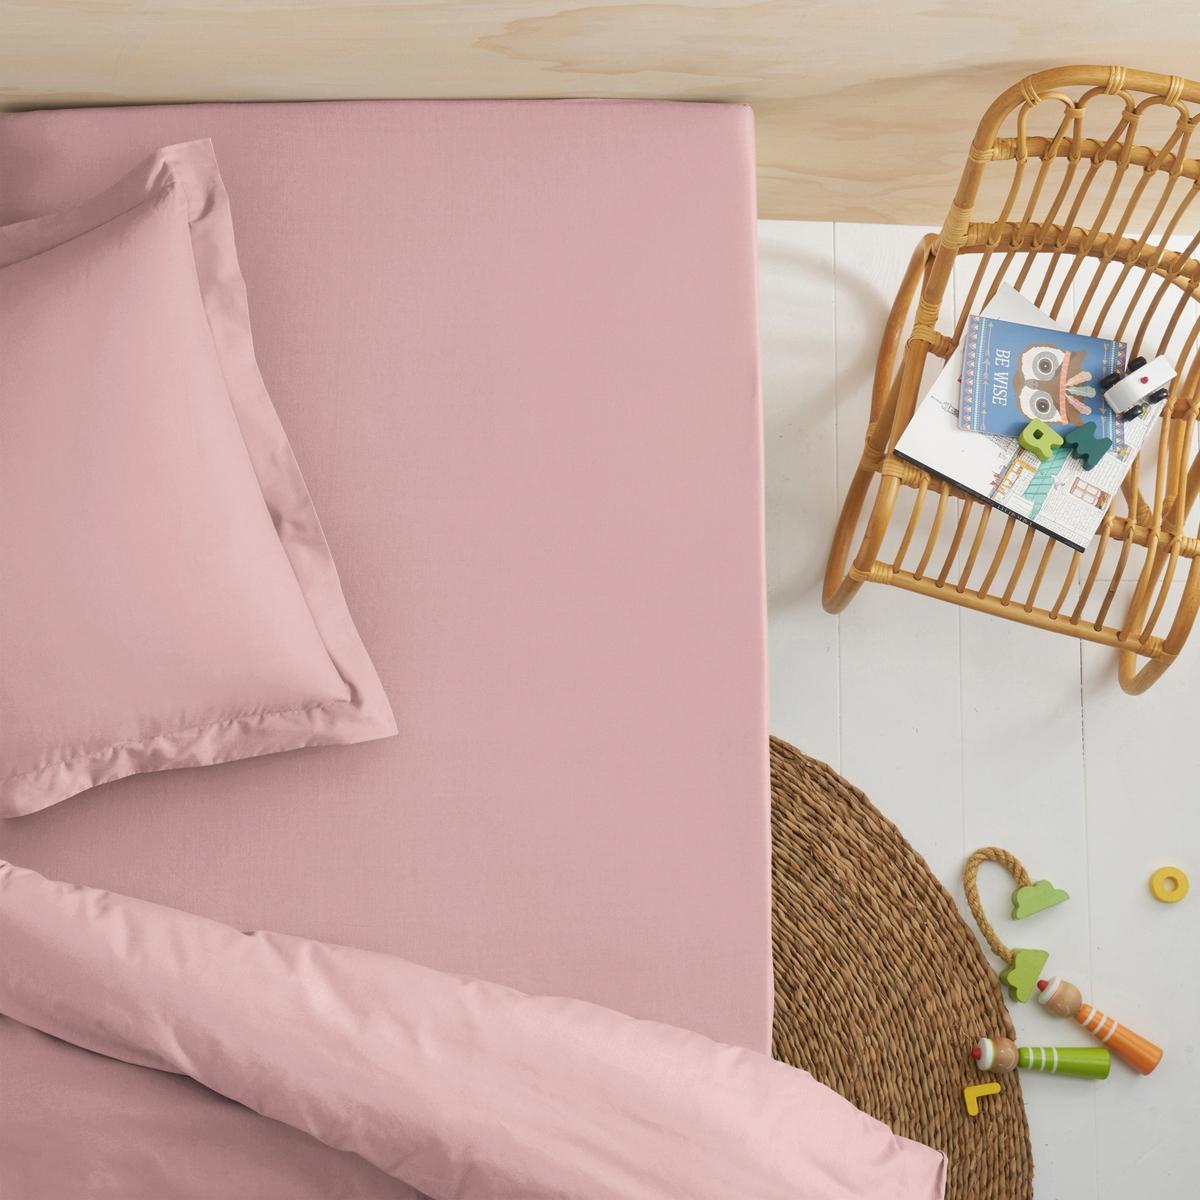 Простыня натяжная для детской кровати из биологического хлопка